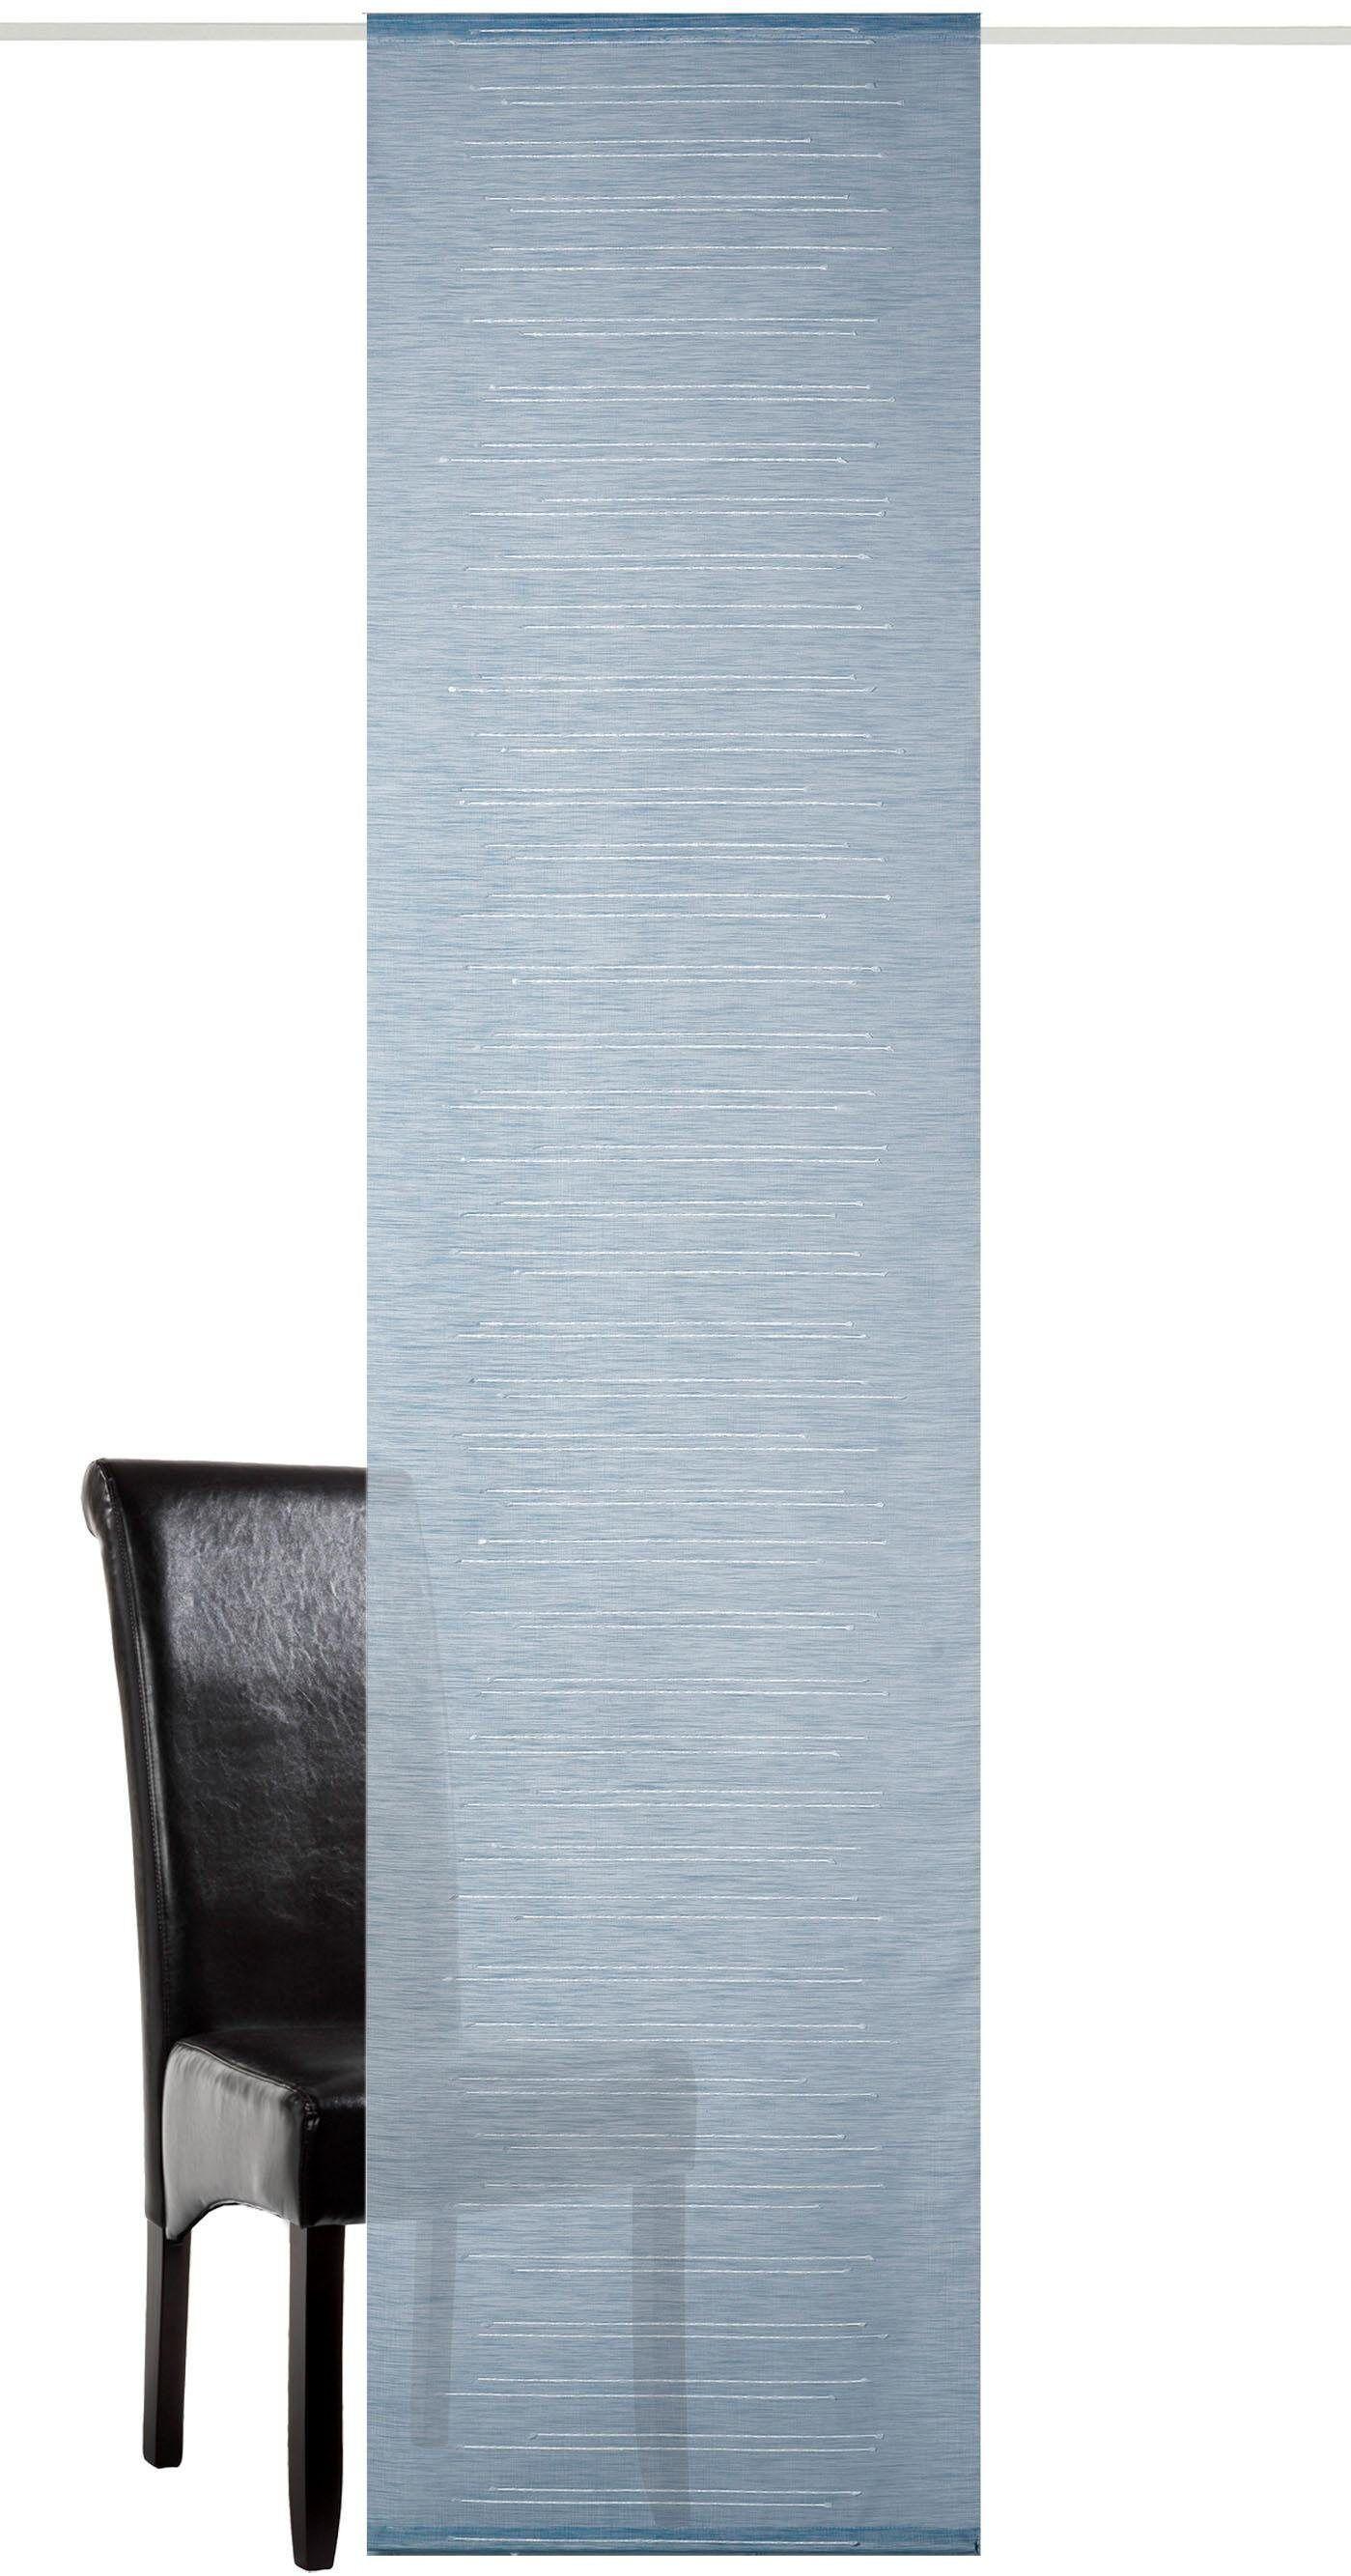 Neutex for you! Schiebegardine »Uno«, , Paneelwagen (1 Stück), Schiebevorhang mit Alupaneelwagen im Köcher, jeansblau